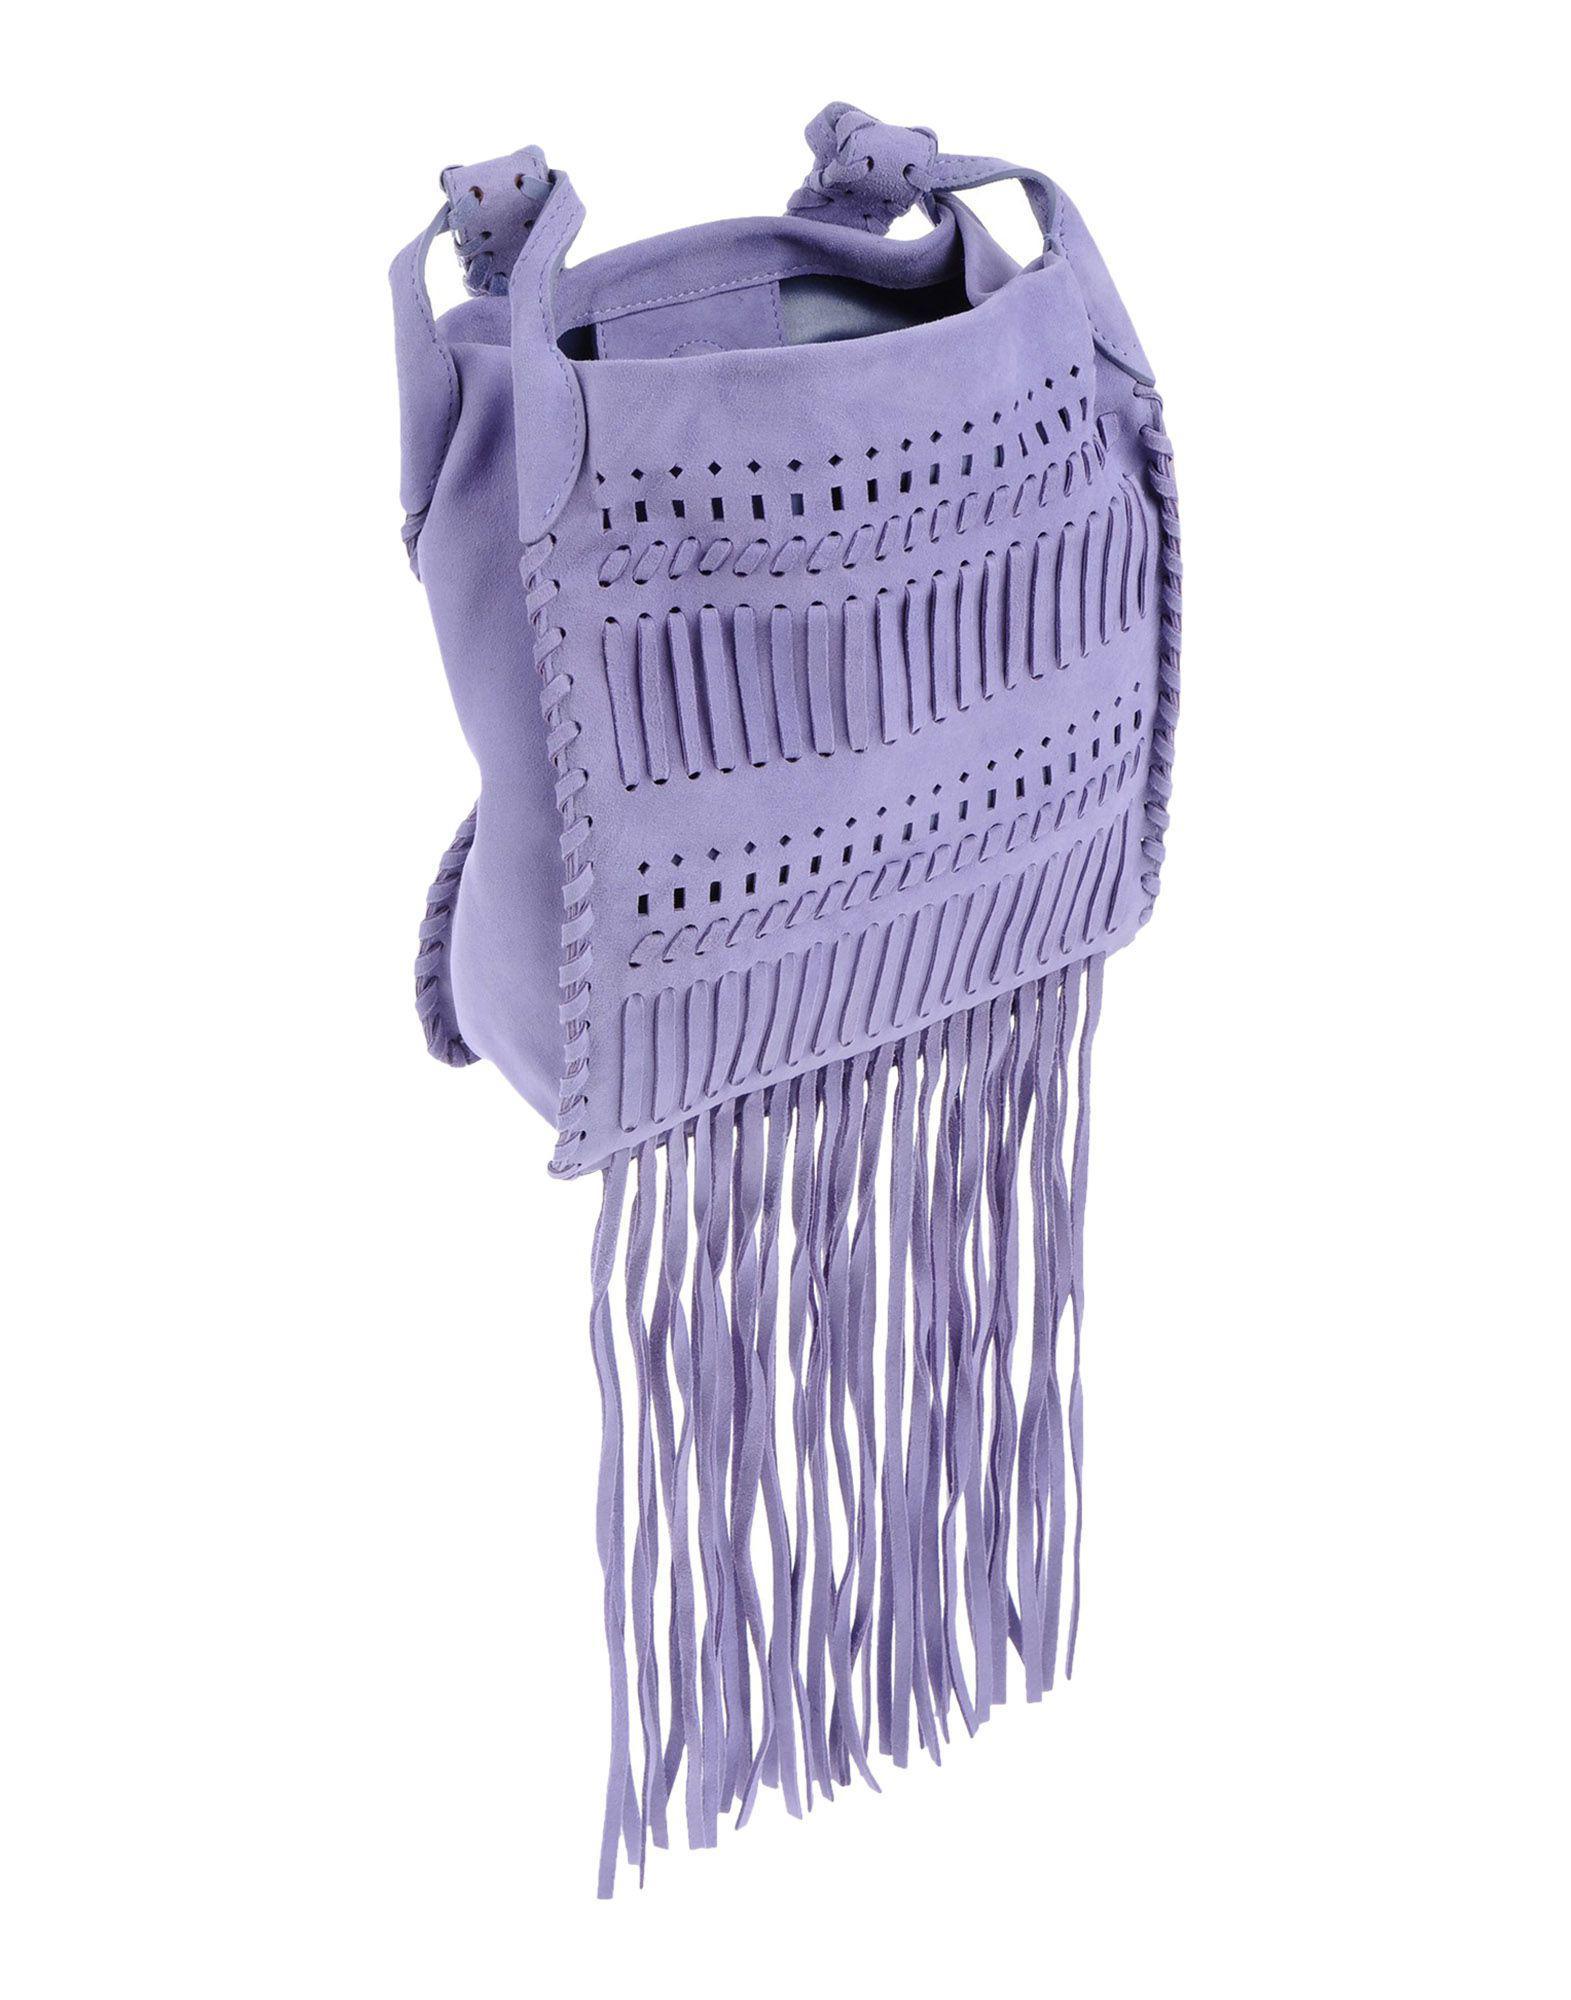 Alberta Ferretti Leather Cross-body Bag in Lilac (Purple)